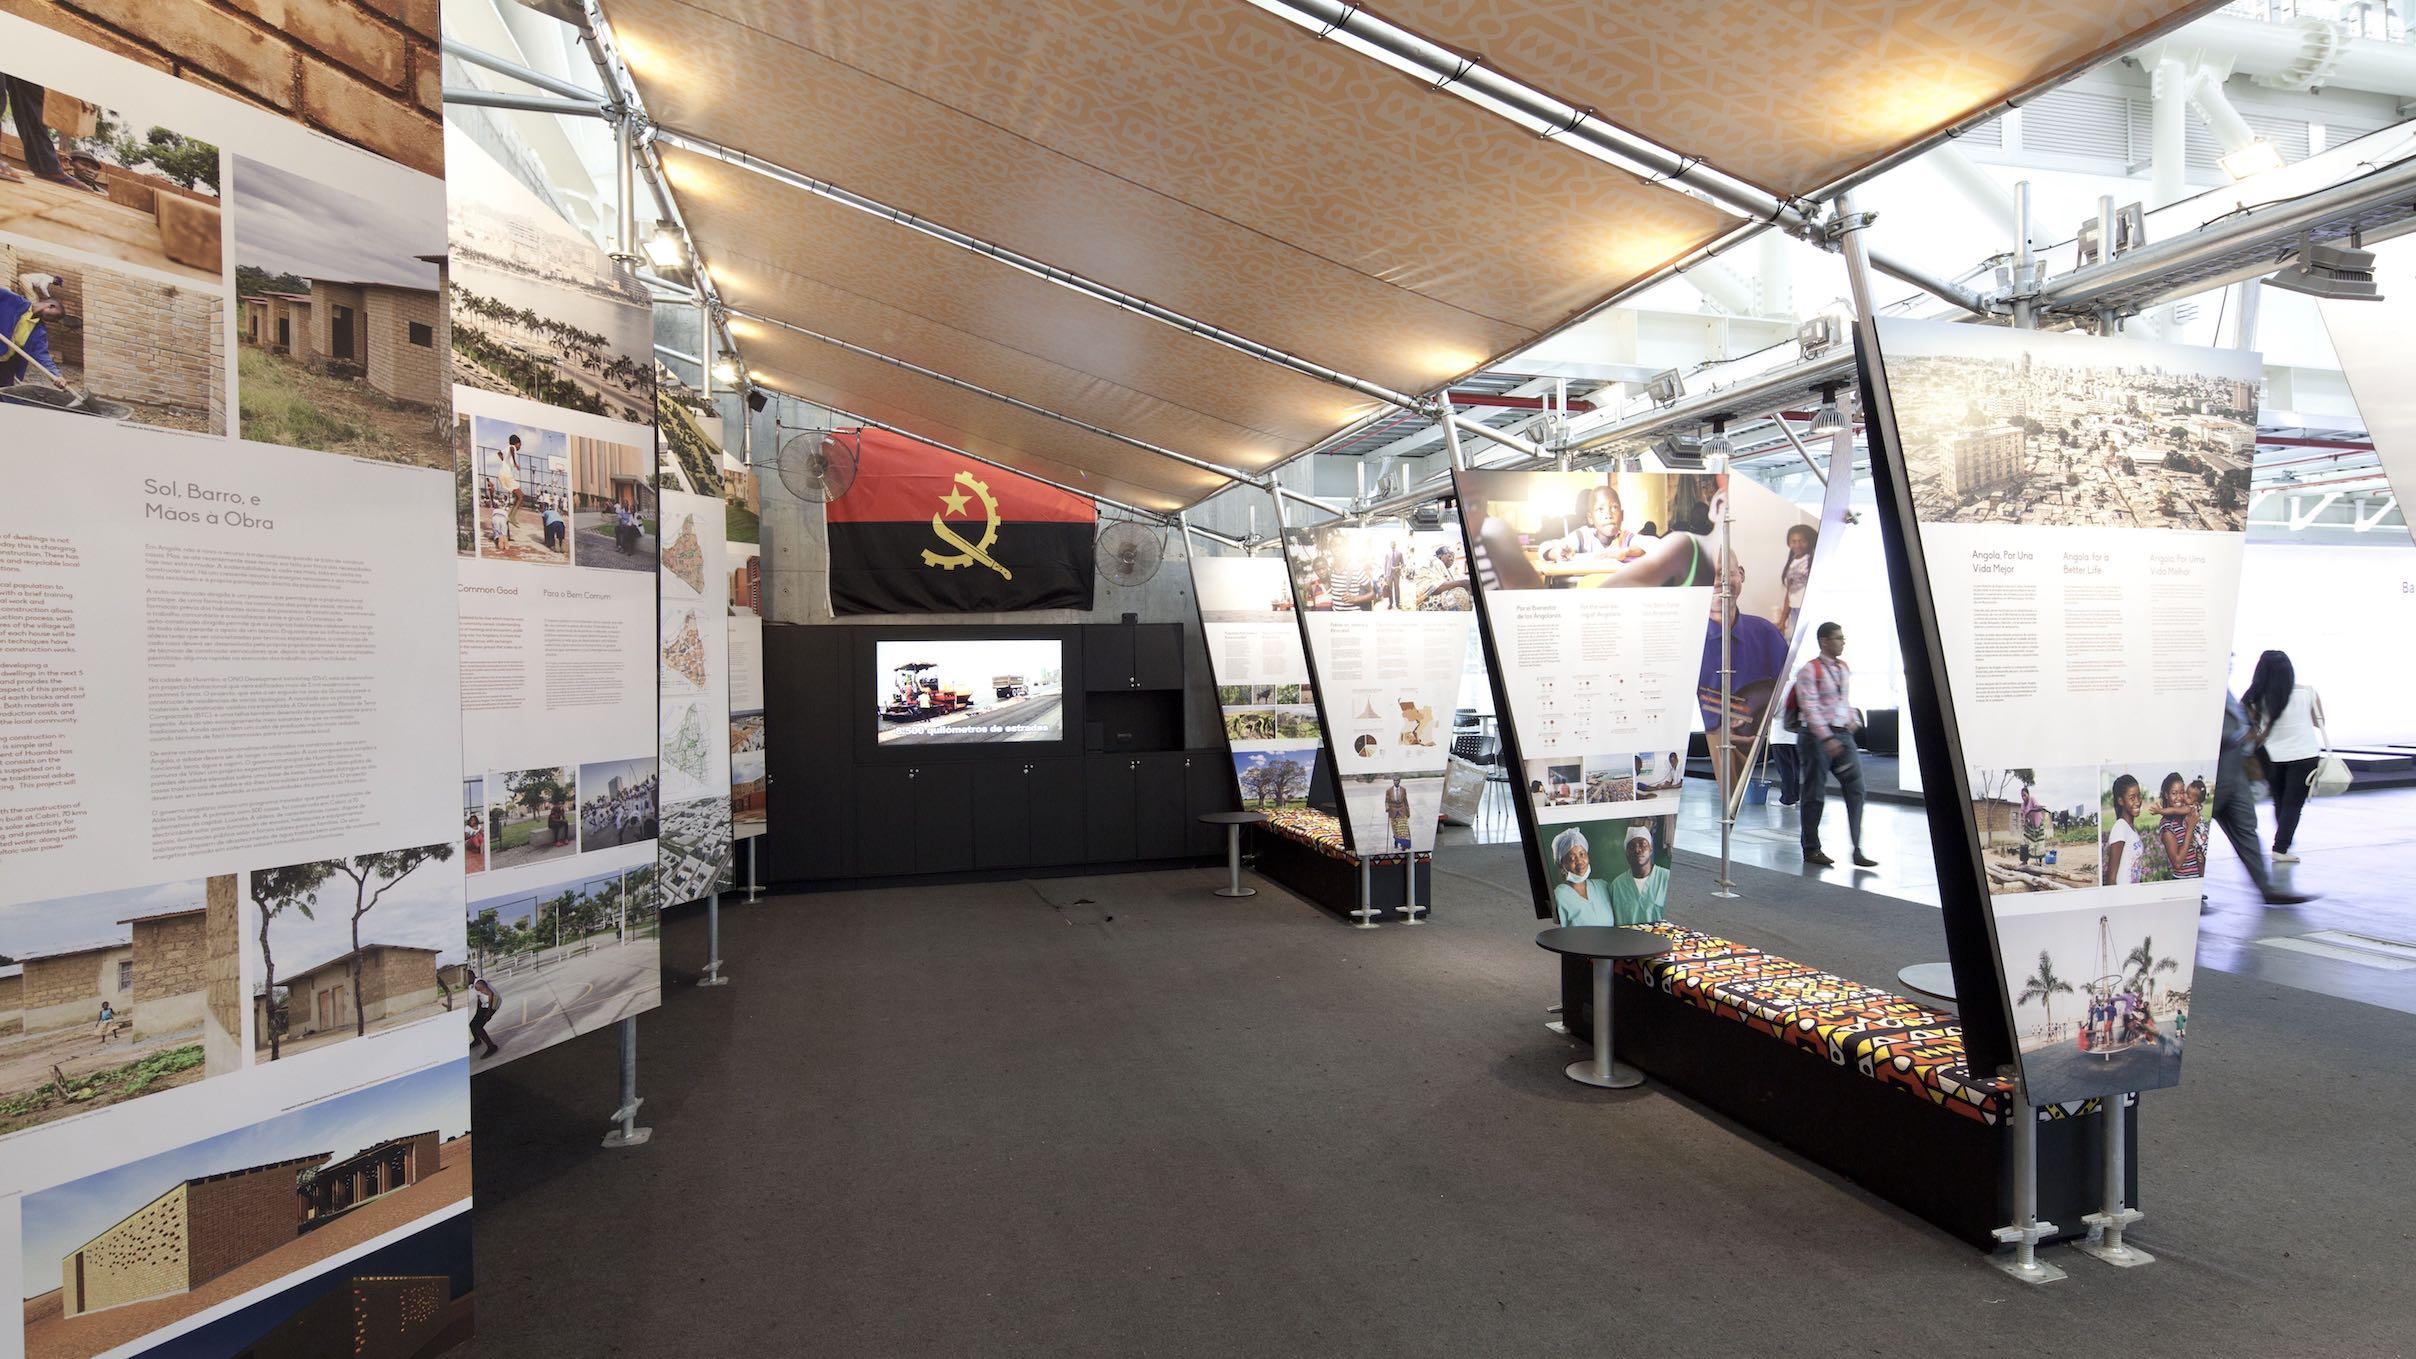 Detalhe do stand angolano no Forum Urbano Mundial 2014, foto de Sergio Gomes.